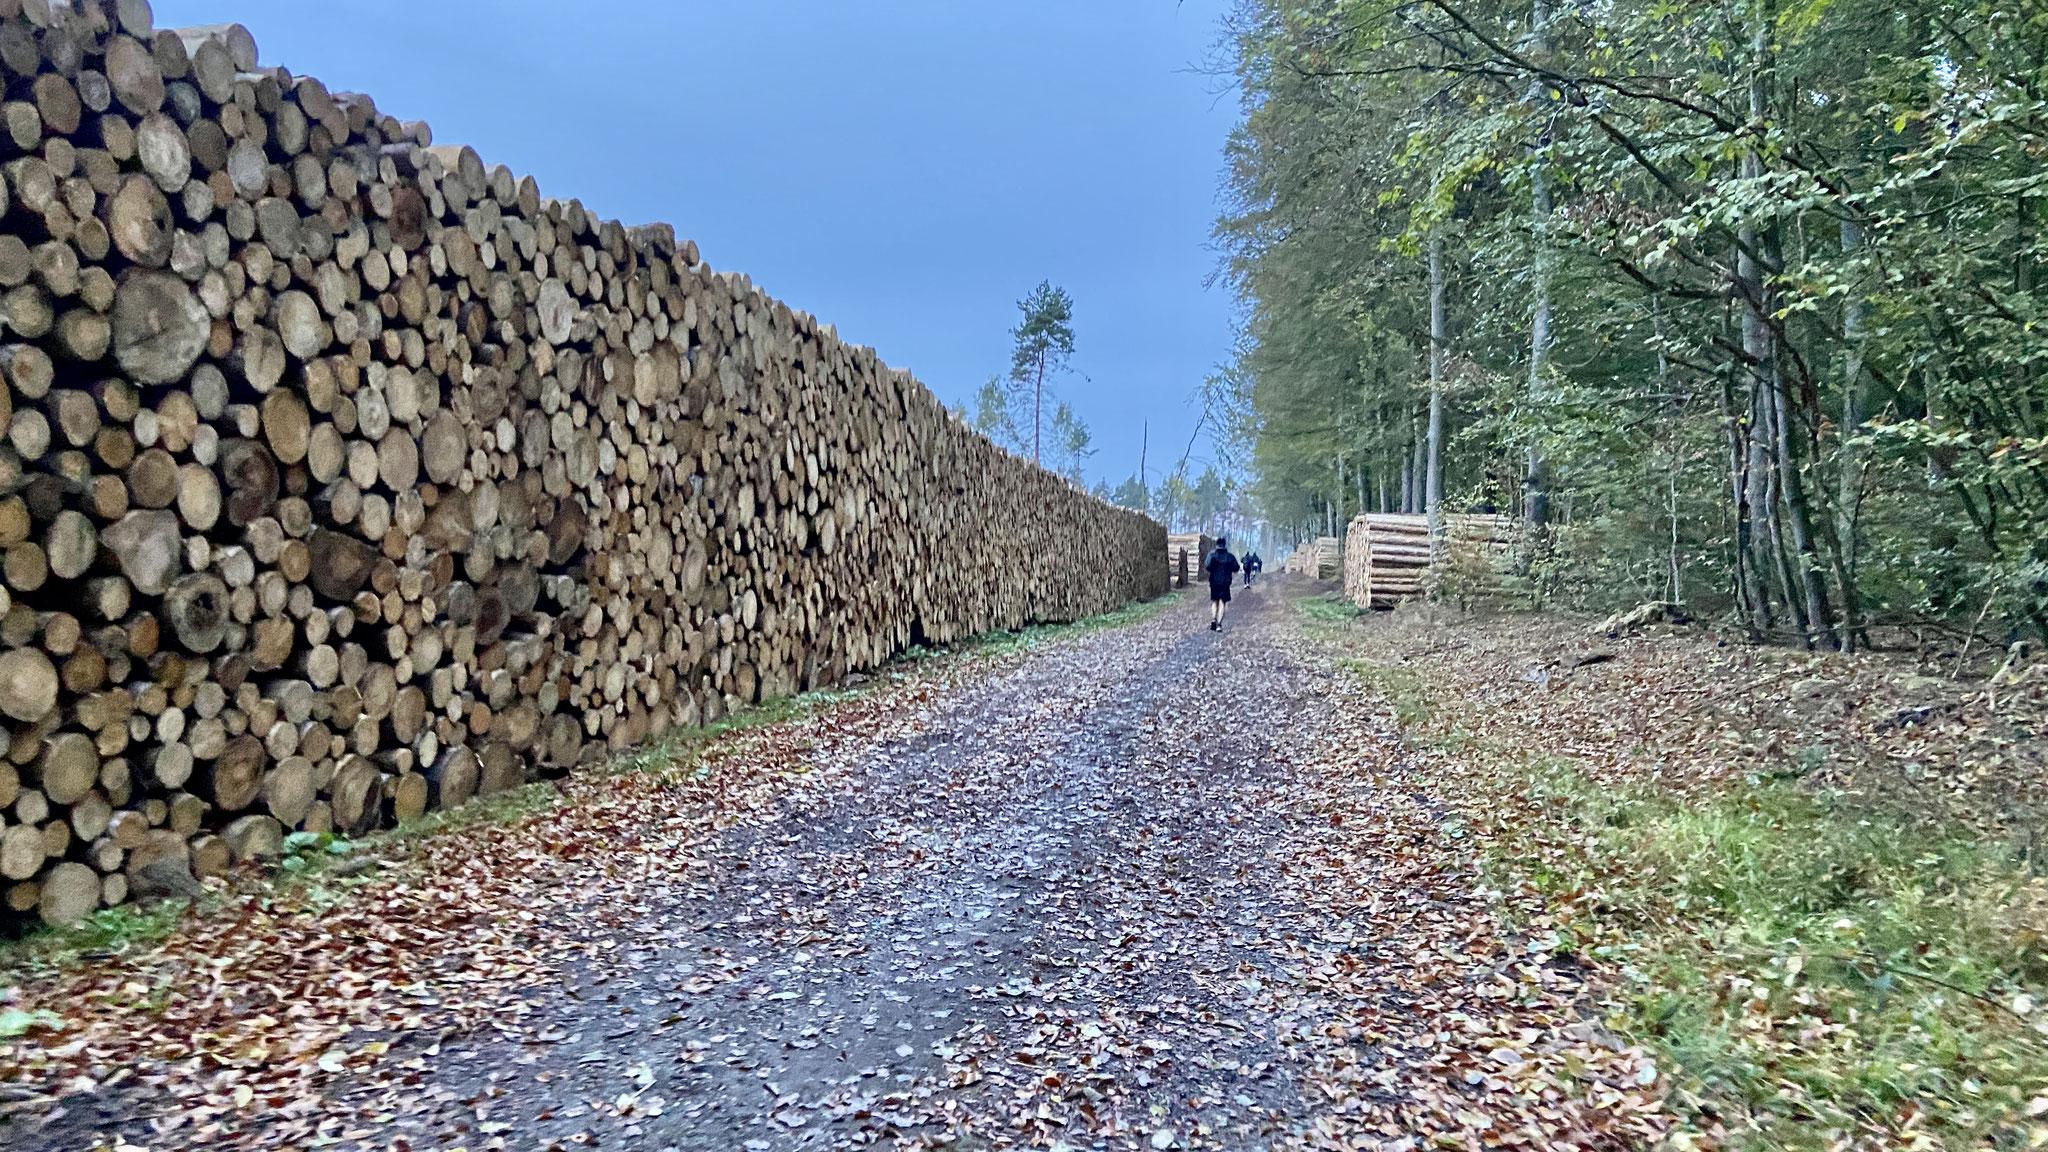 für die Wiederaufforstung des Waldes wird gelaufen!